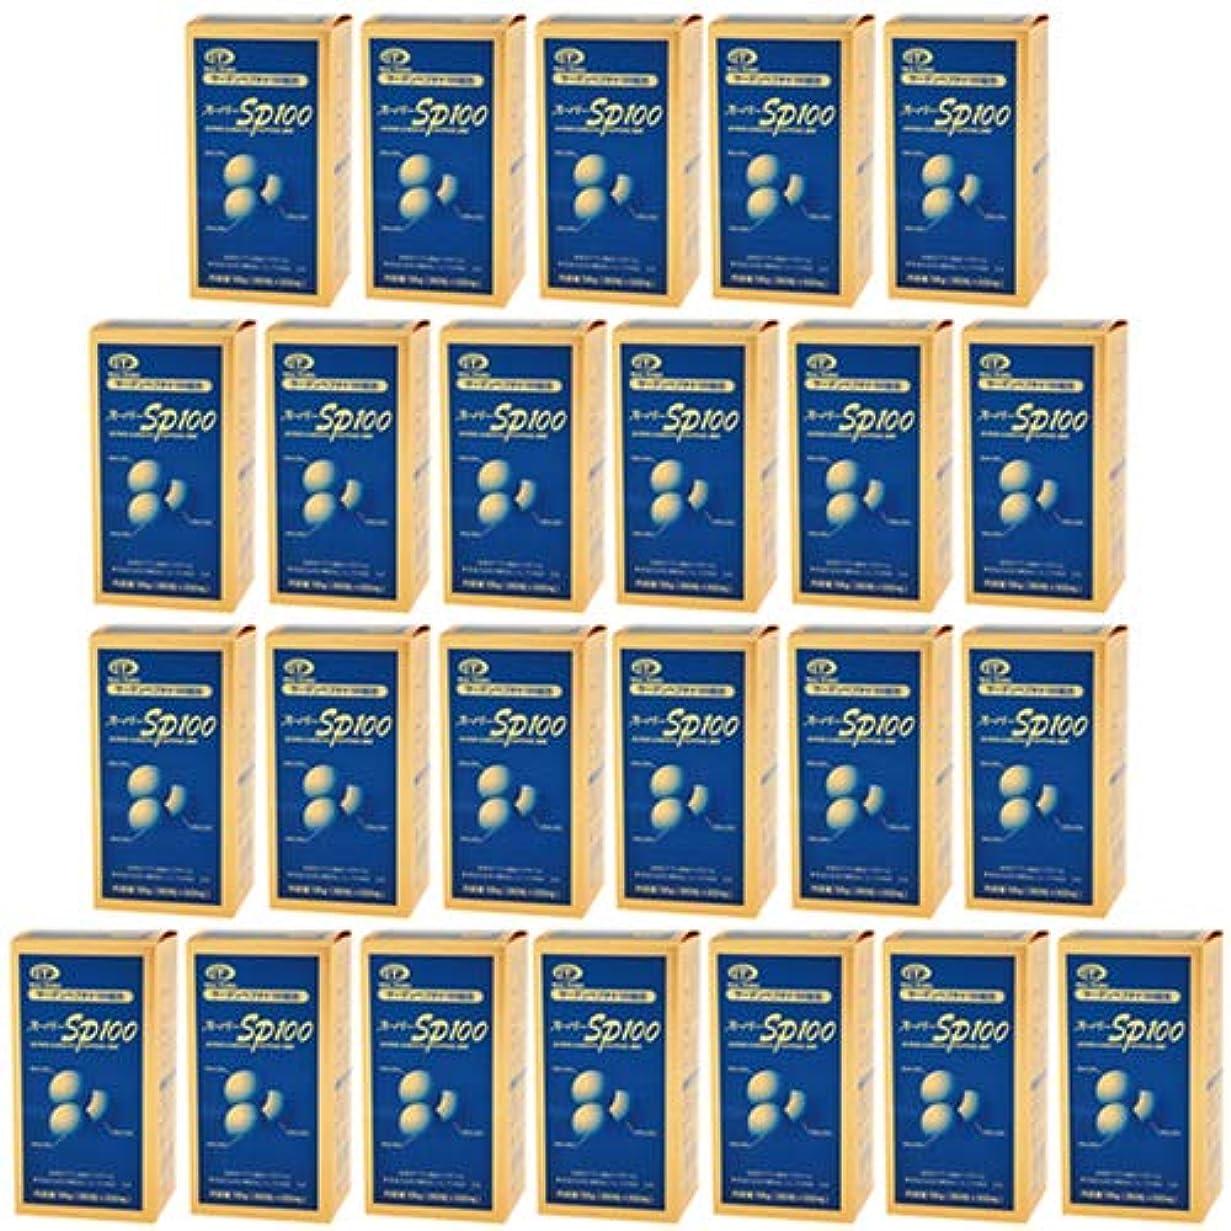 プロトタイプ醸造所無意識スーパーSP100(イワシペプチド)(360粒) 24箱